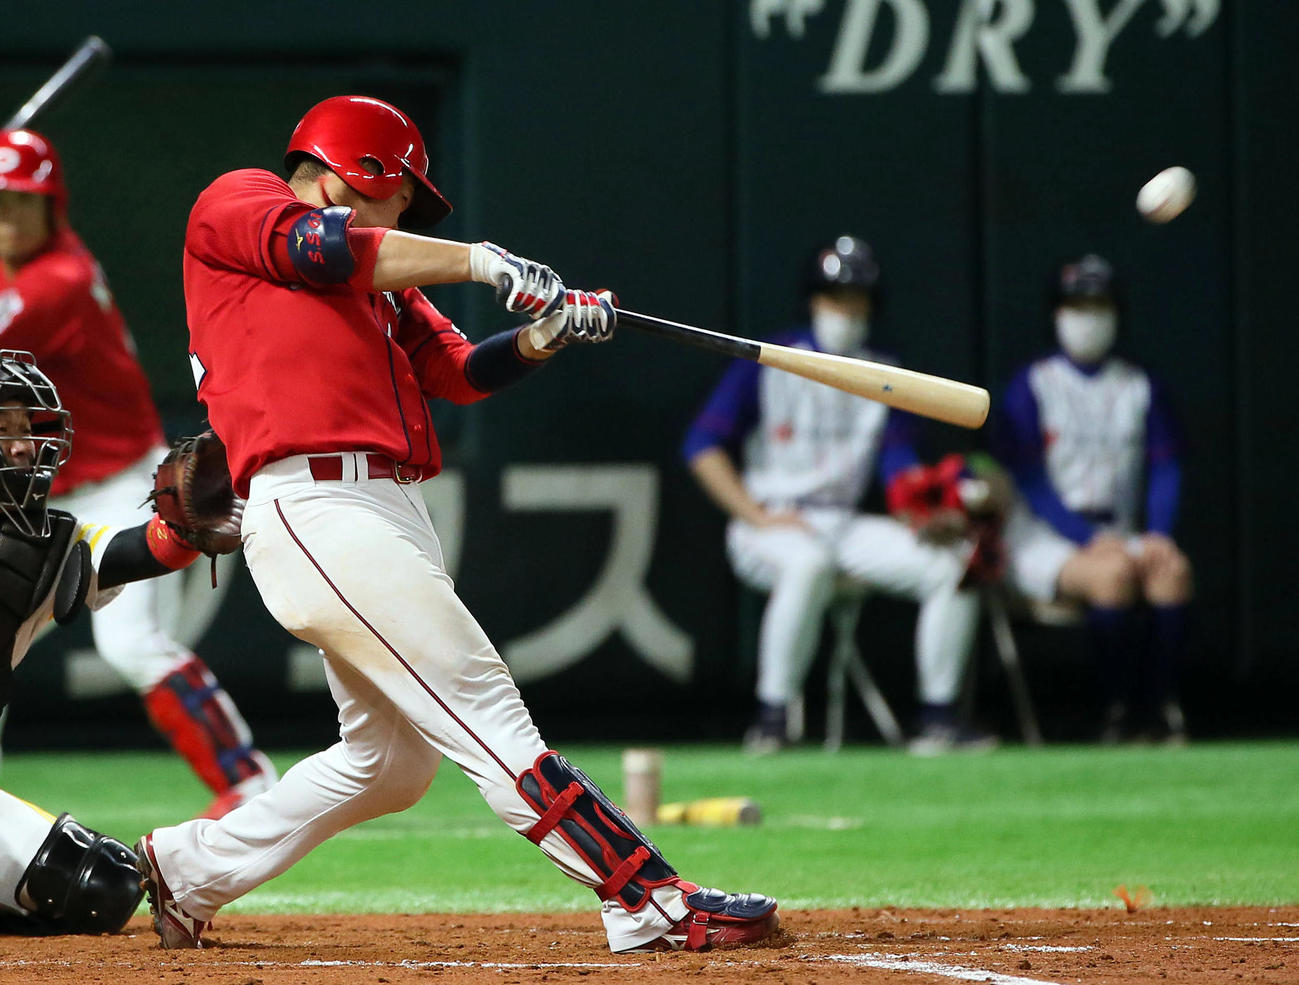 ソフトバンク対広島 オープン戦 8回表広島1死一塁、坂倉は右中間へ同点2点本塁打を放つ(撮影・栗木一考)